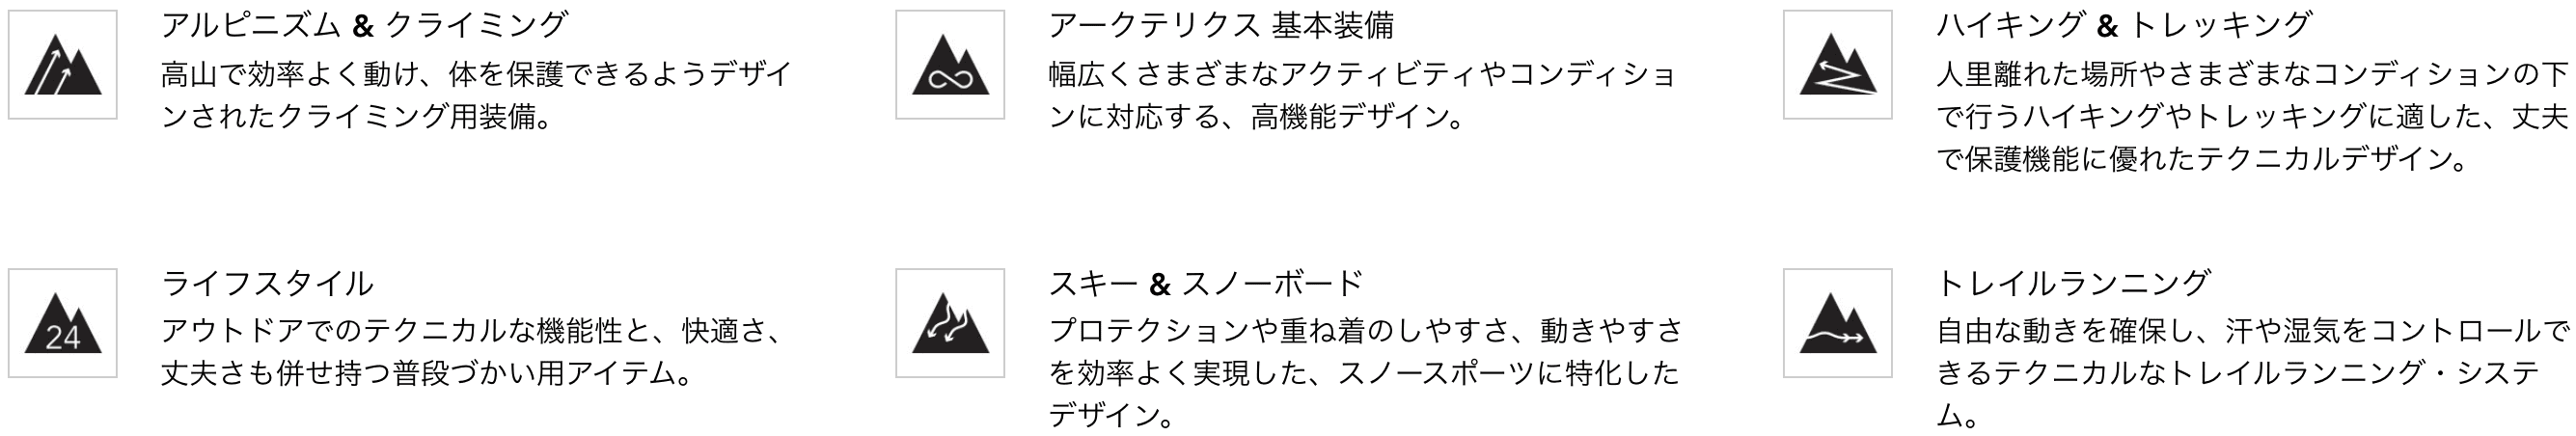 アークテリクスカテゴリー11